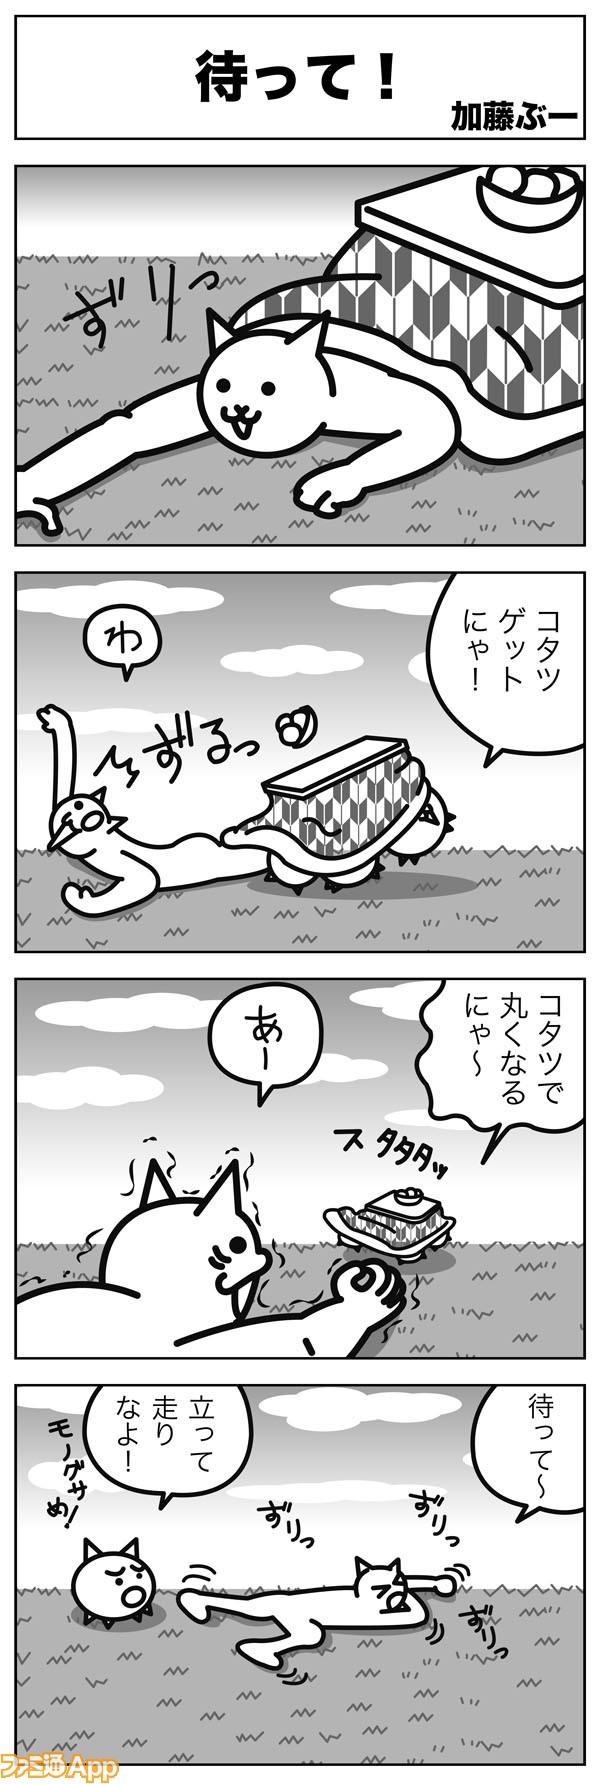 04kato-073